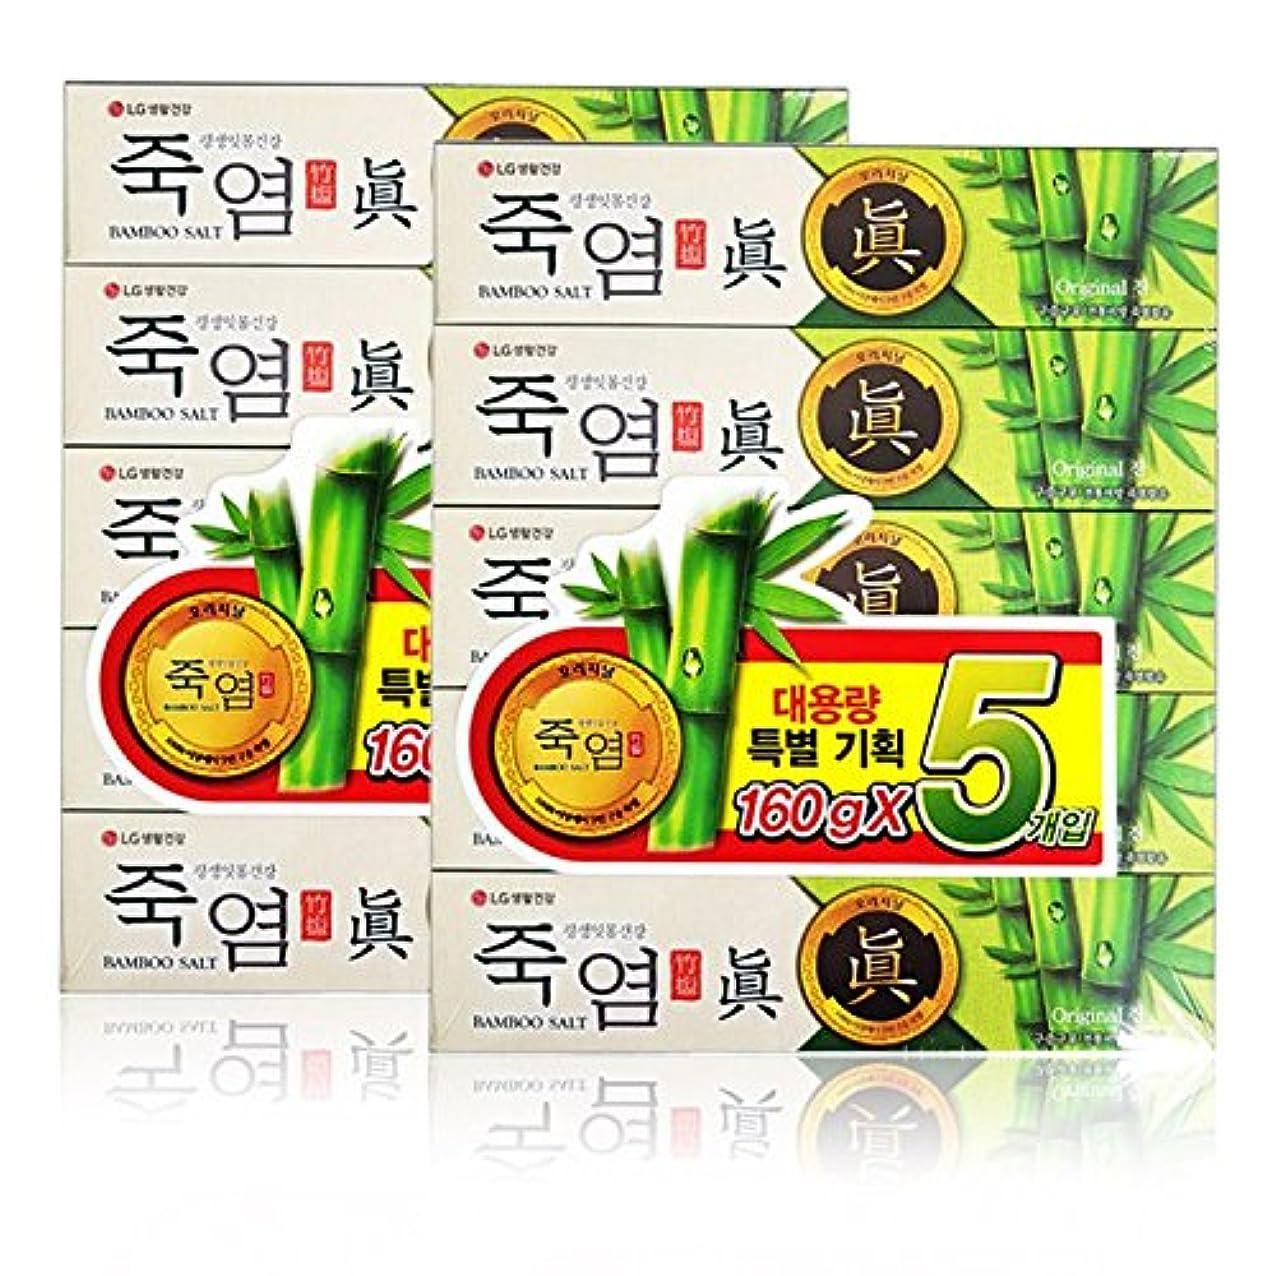 軽蔑封筒マイク[LG電子の生活と健康] LG 竹塩オリジナル歯磨き粉160g*10つの(海外直送品)